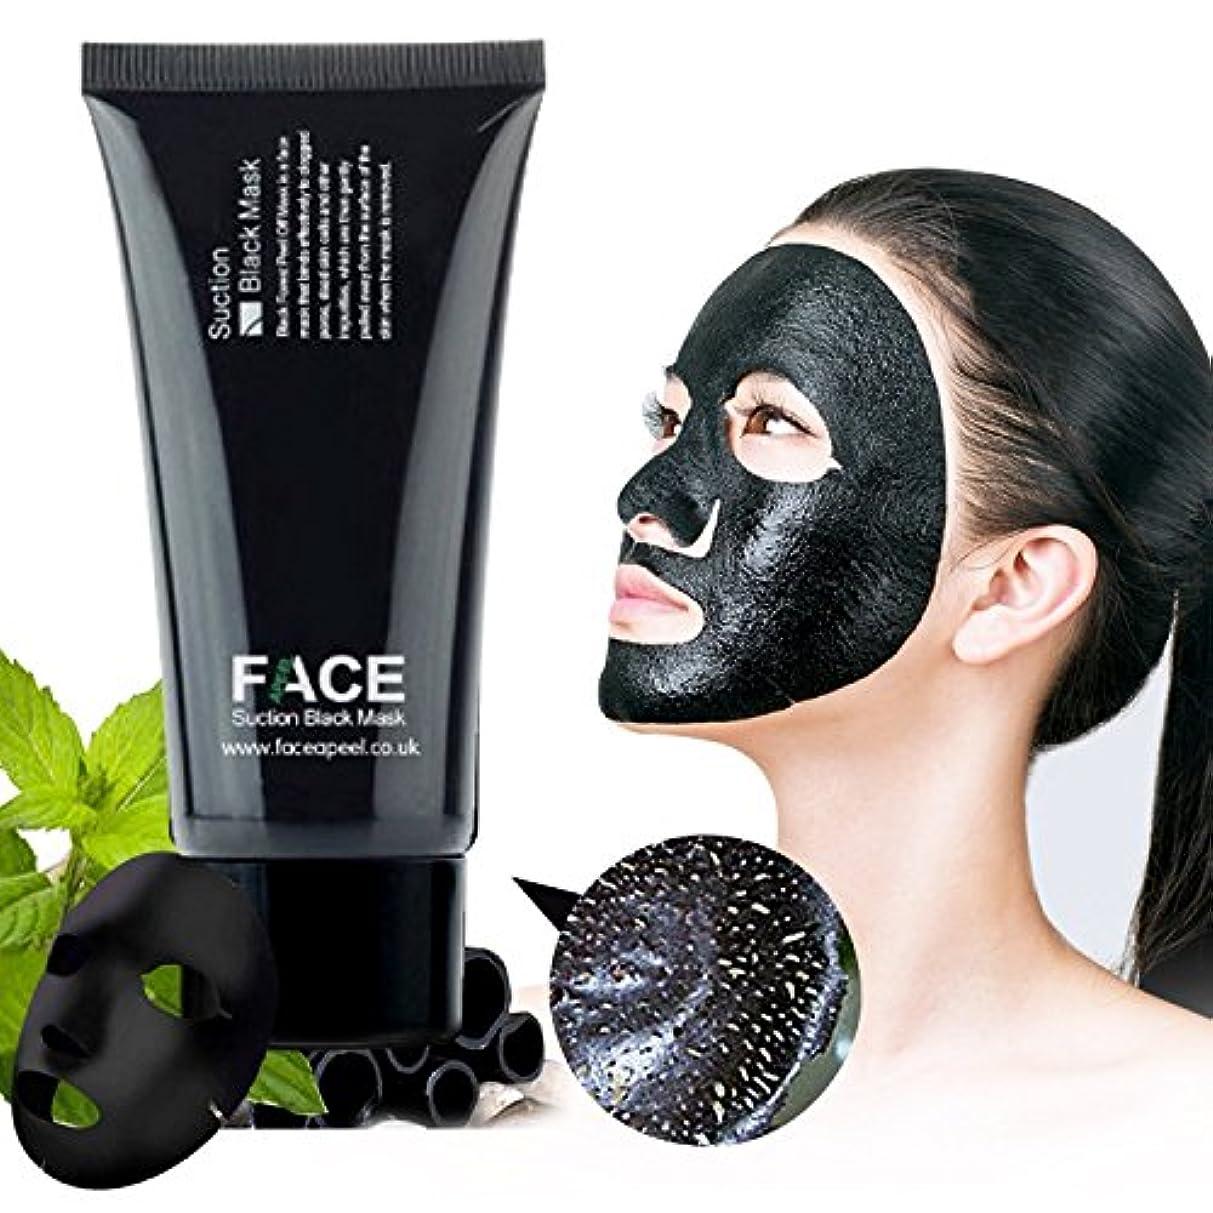 突き刺すクスコキャストFaceApeel Blackheadリムーバーマスク[Blackheadsを取り除く] - プレミアム品質Black Pore Removalは、Face For Faceマスクを剥がす